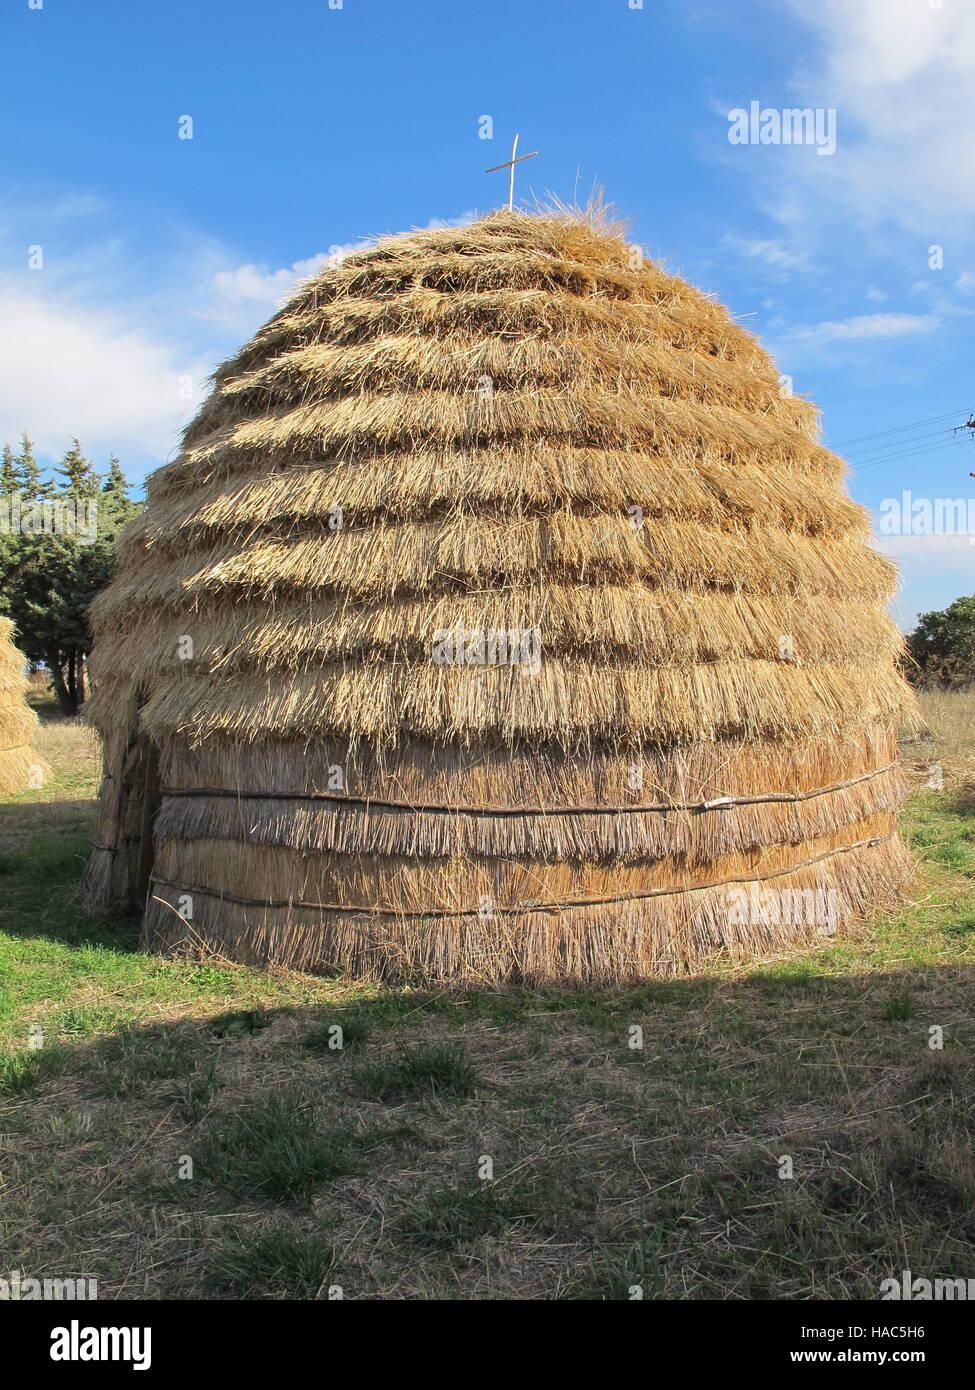 Greece Macedonia traditional shepherd's hut - Stock Image